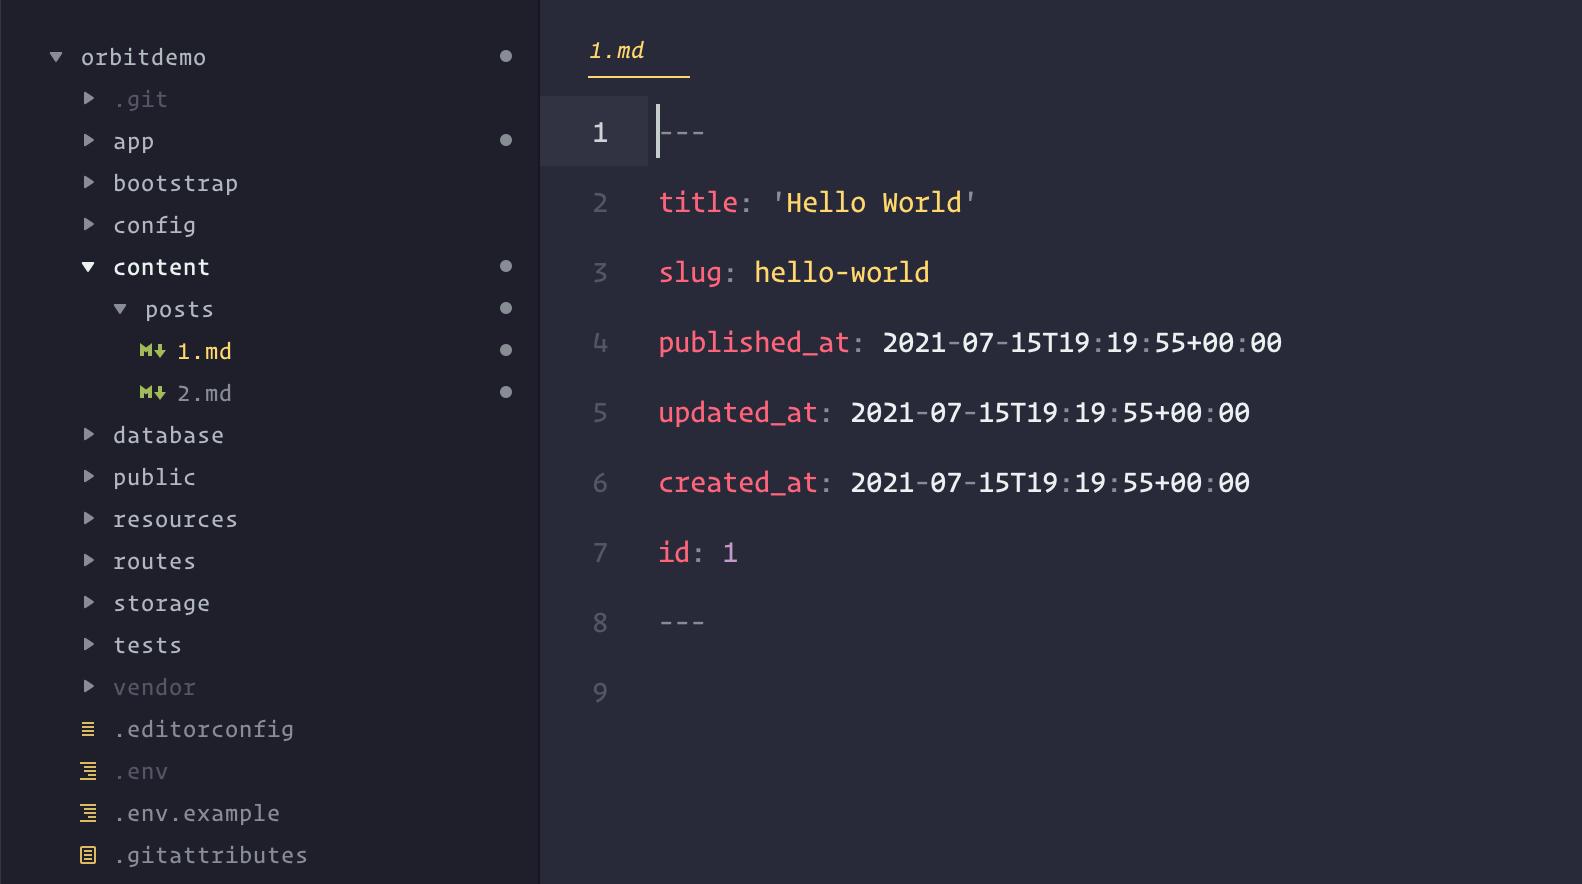 Screenshot of an Orbit flat file